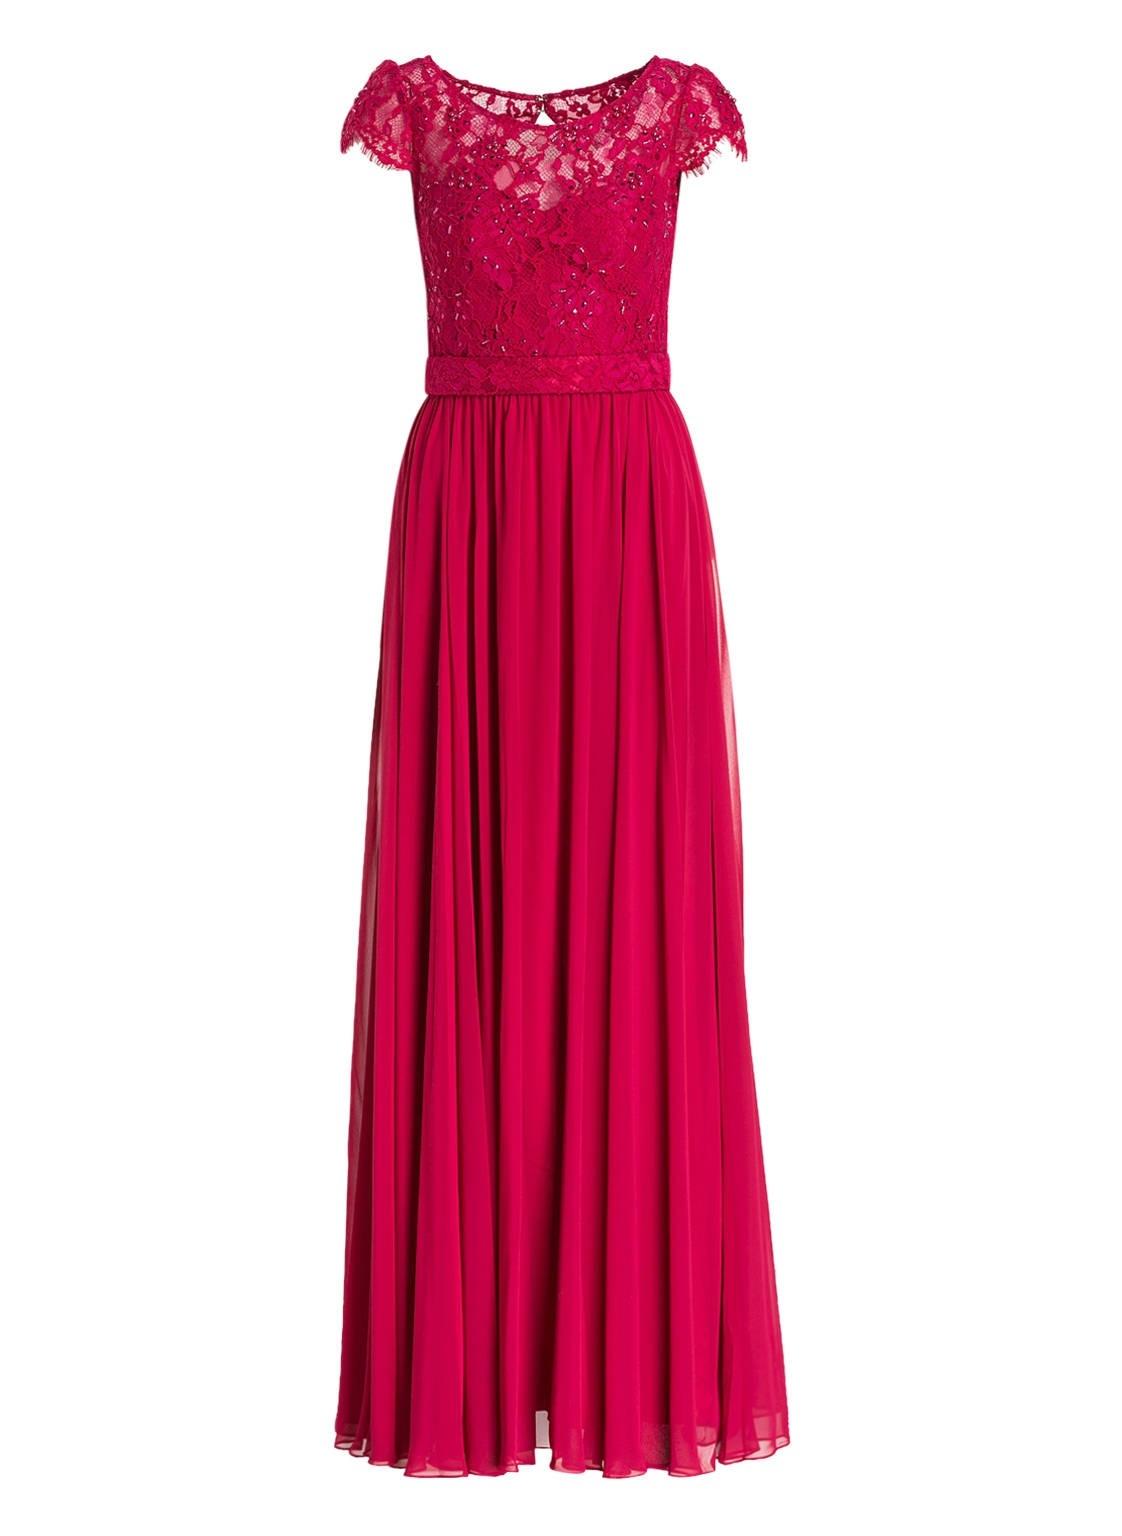 10 Fantastisch Online Abendkleider Kaufen Boutique17 Fantastisch Online Abendkleider Kaufen Boutique